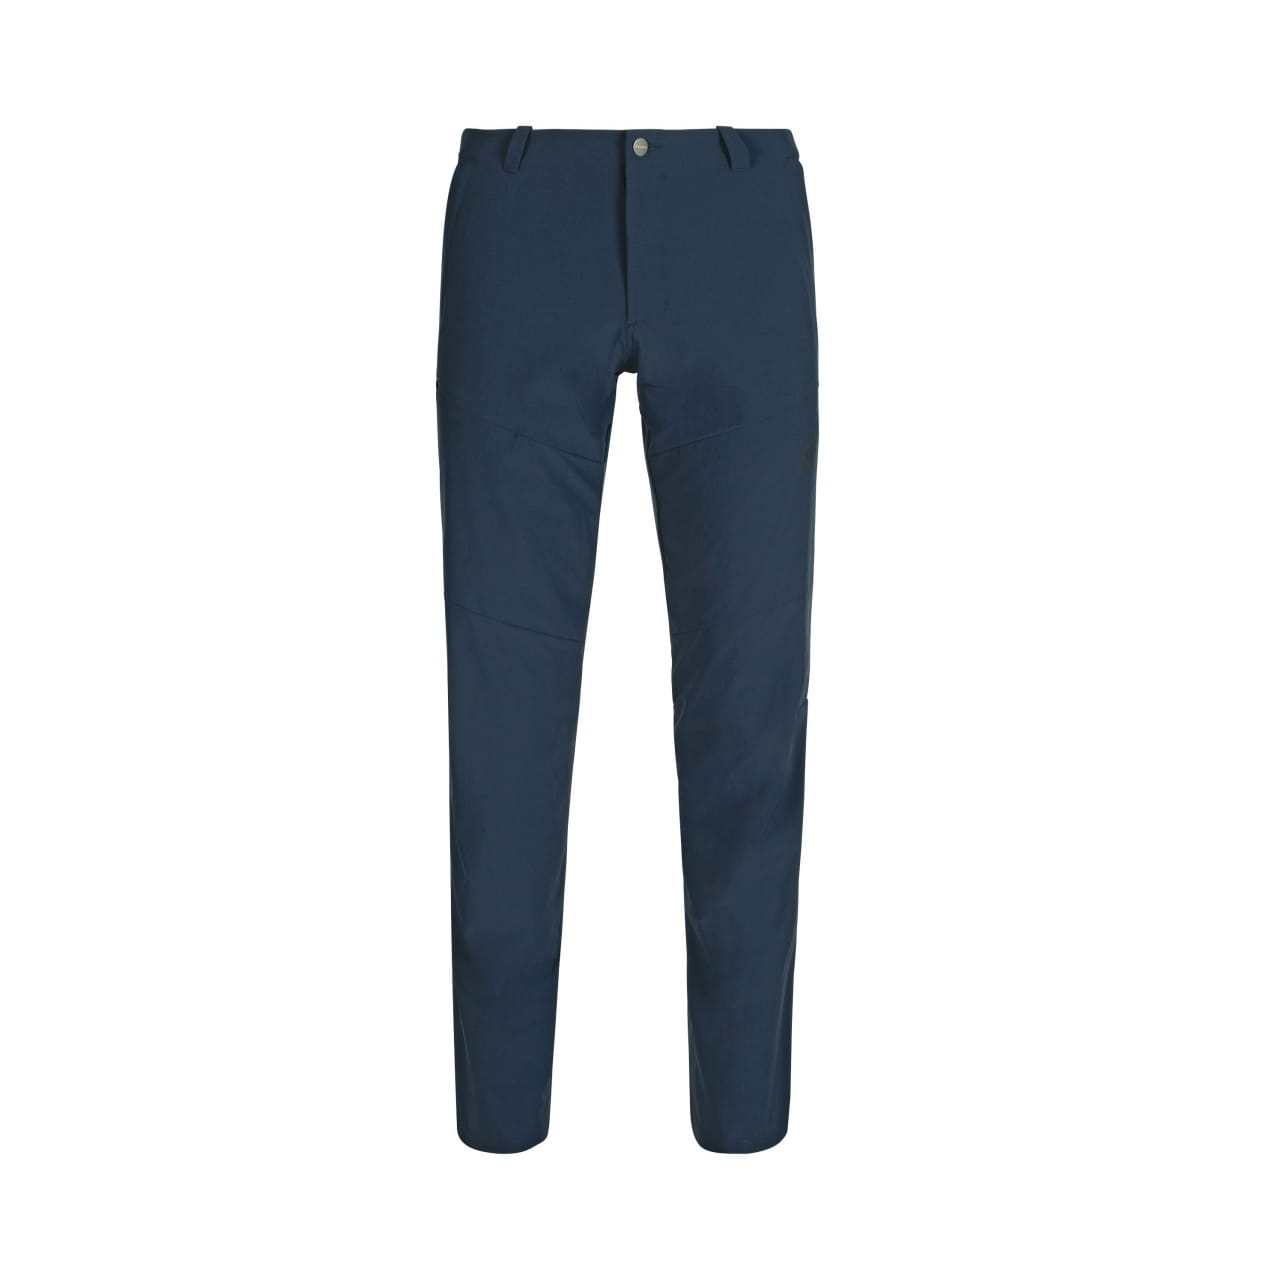 Kalhoty pro muže Mammut Runbold Pants Men